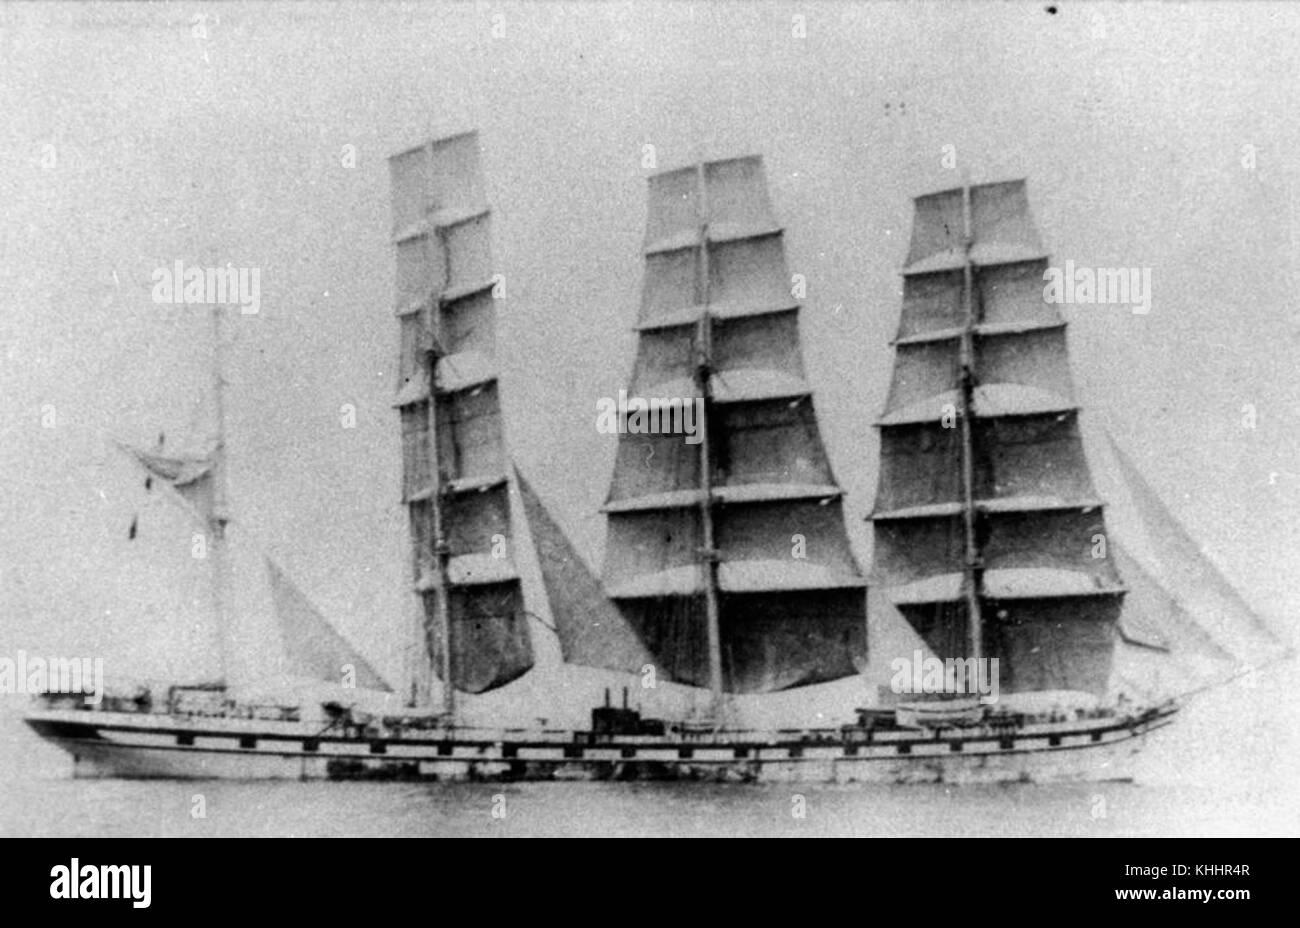 1 169655 Valentine (ship Stock Photo: 165733815 - Alamy